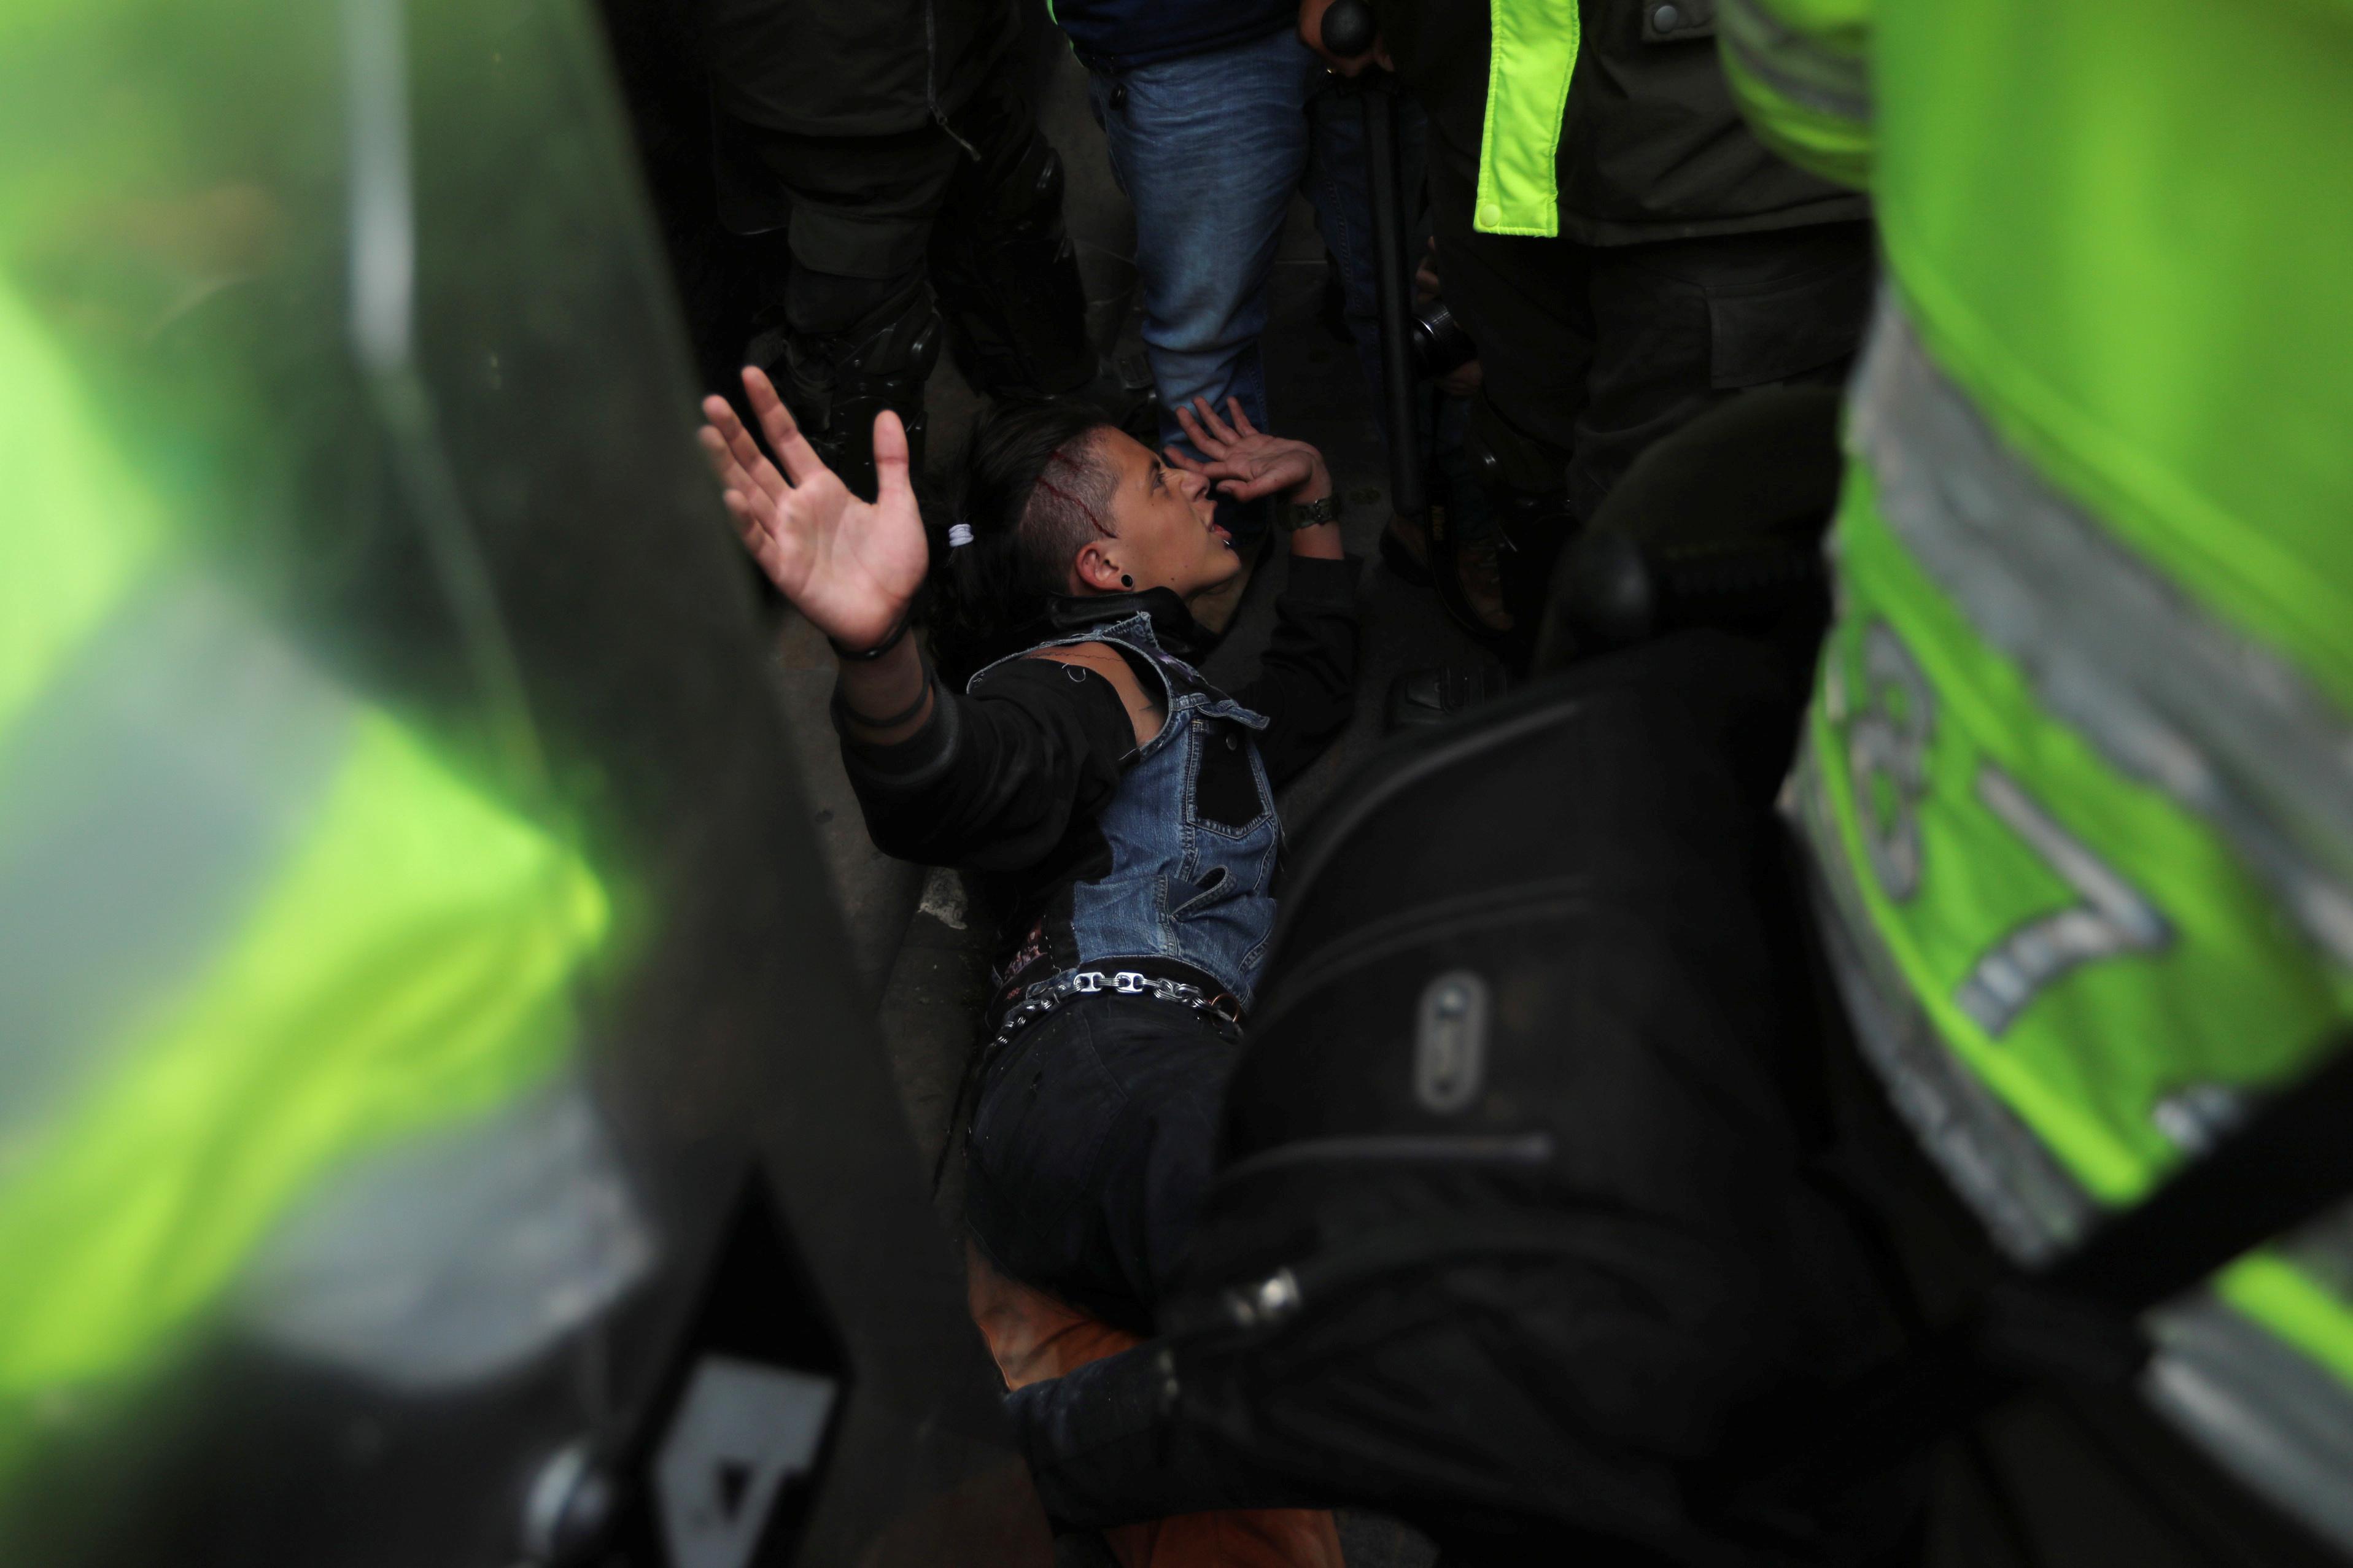 1510812-جانب-من-الاحتجاجات-والعنف-فى-كولومبيا-(2)